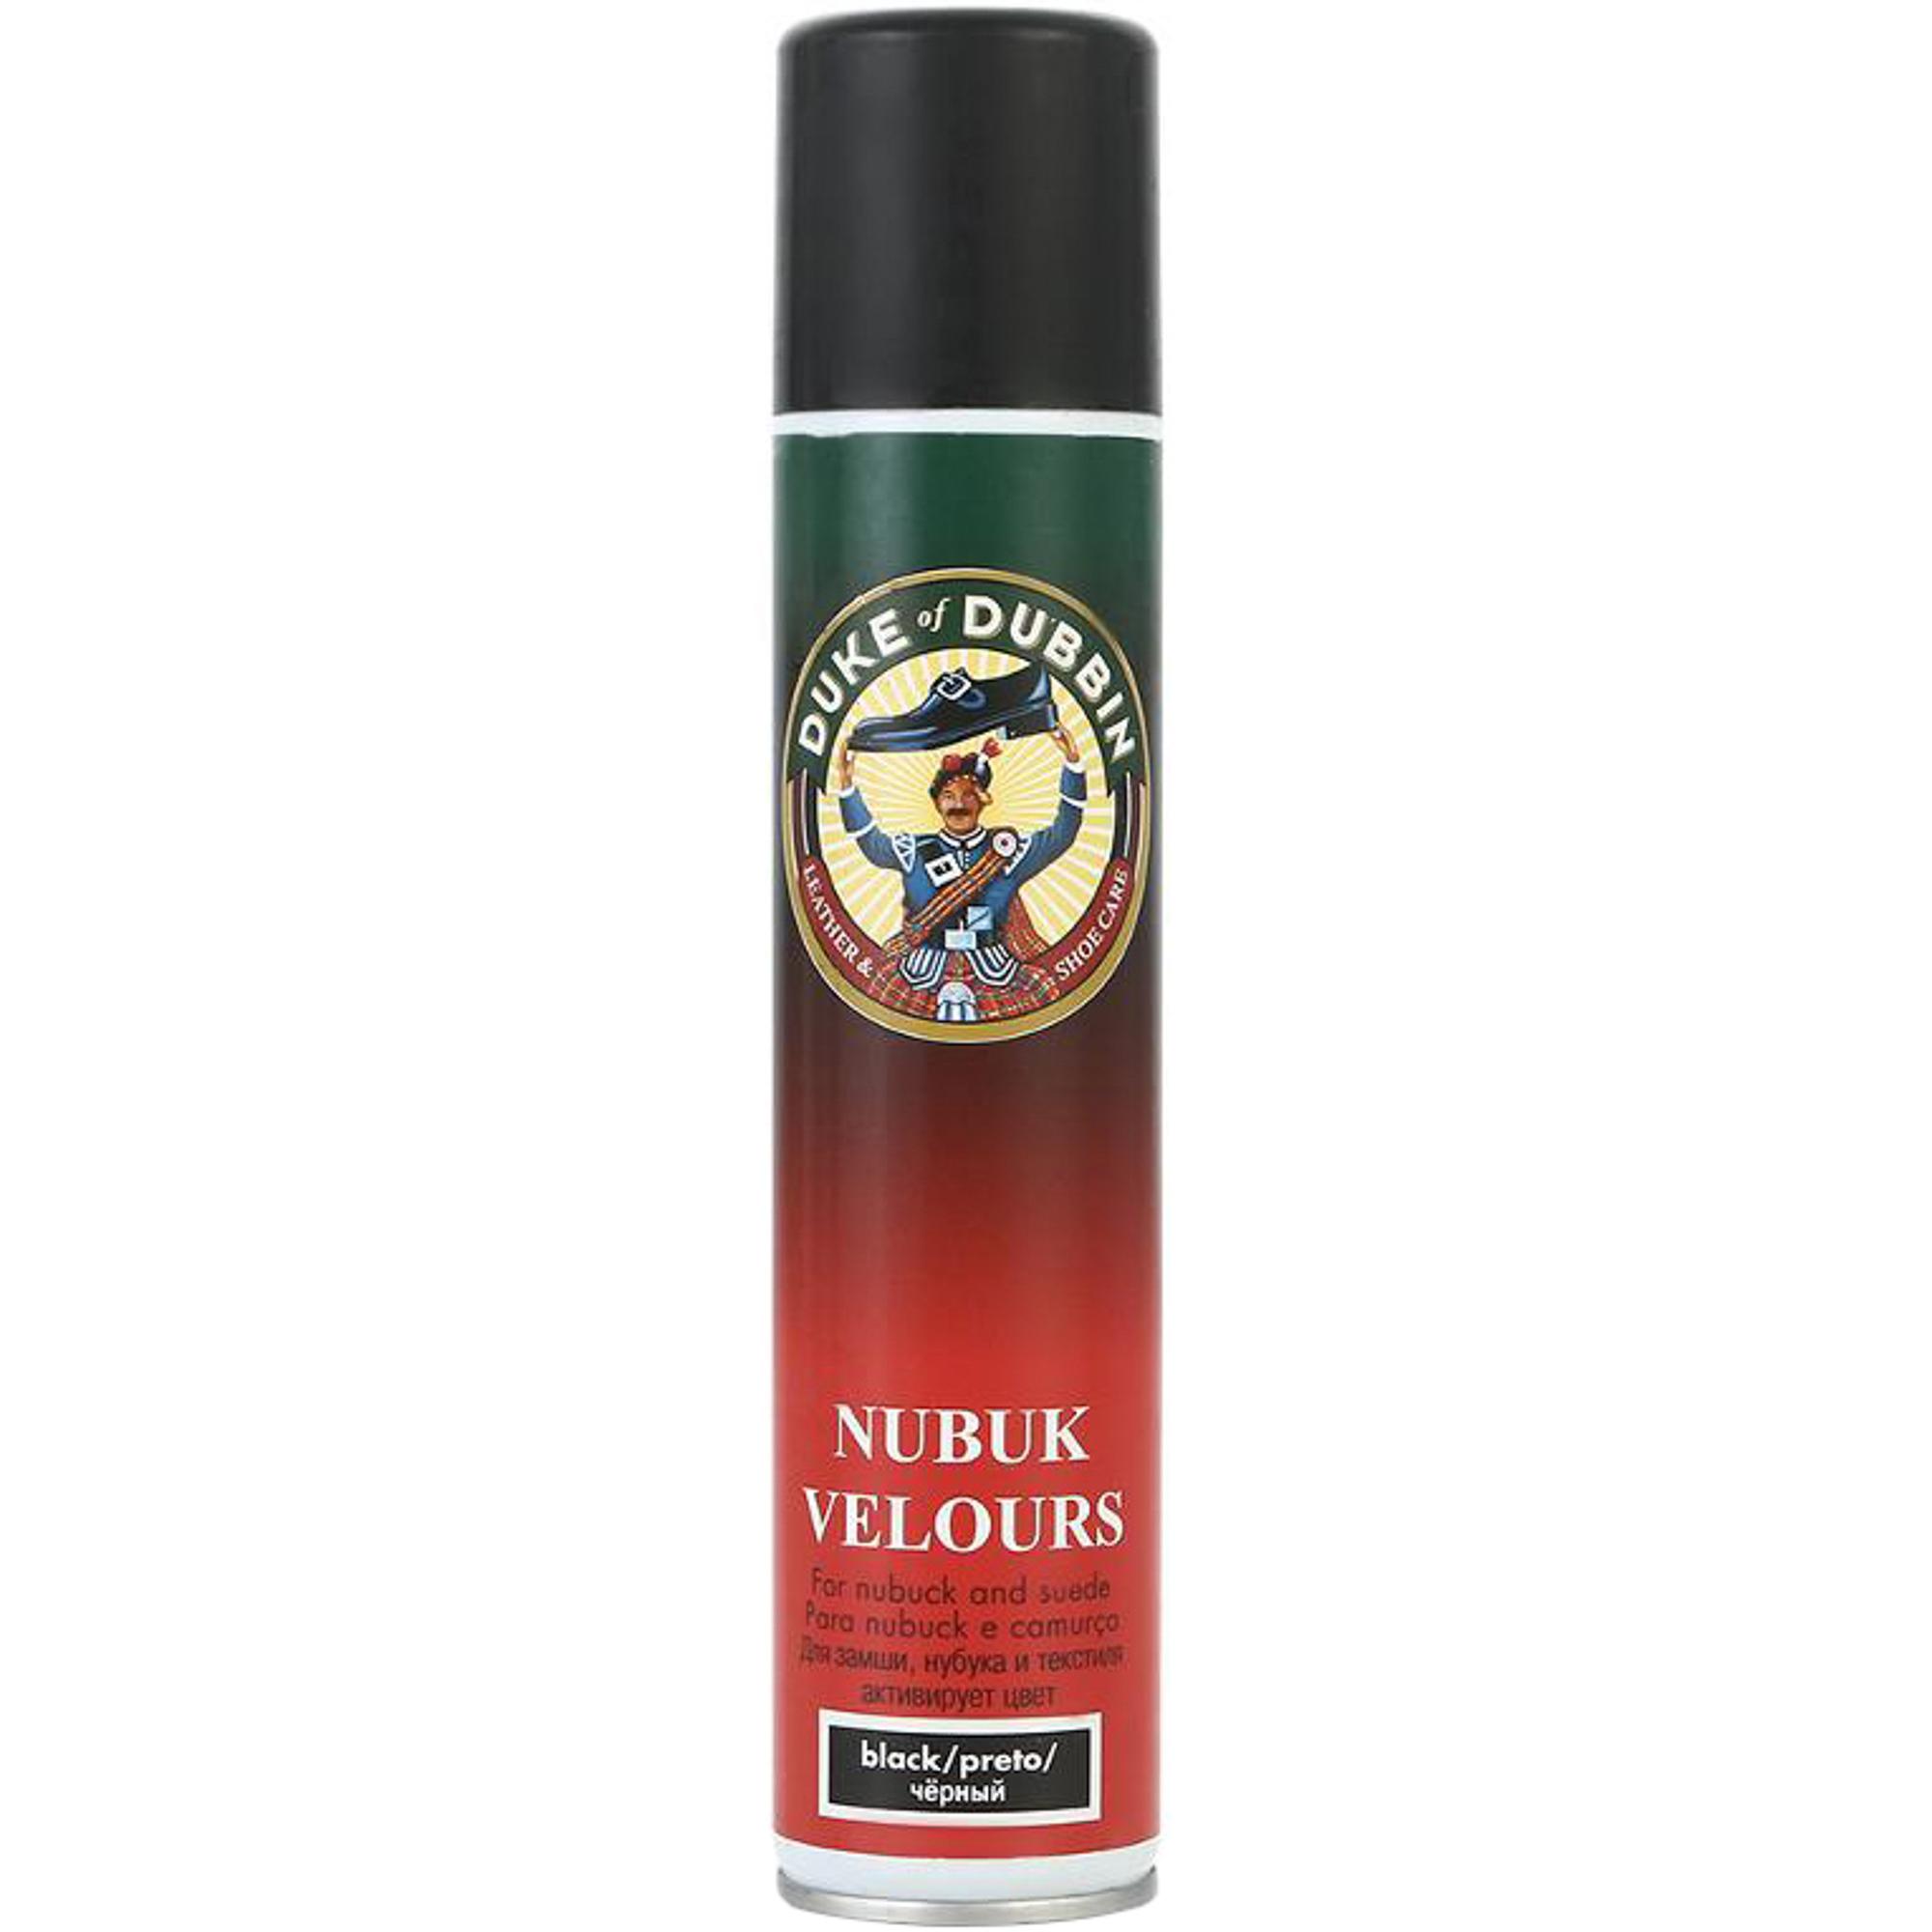 Универсальный защитный спрей для ворсовых видов кожи Duke Nubuk Velours Spray